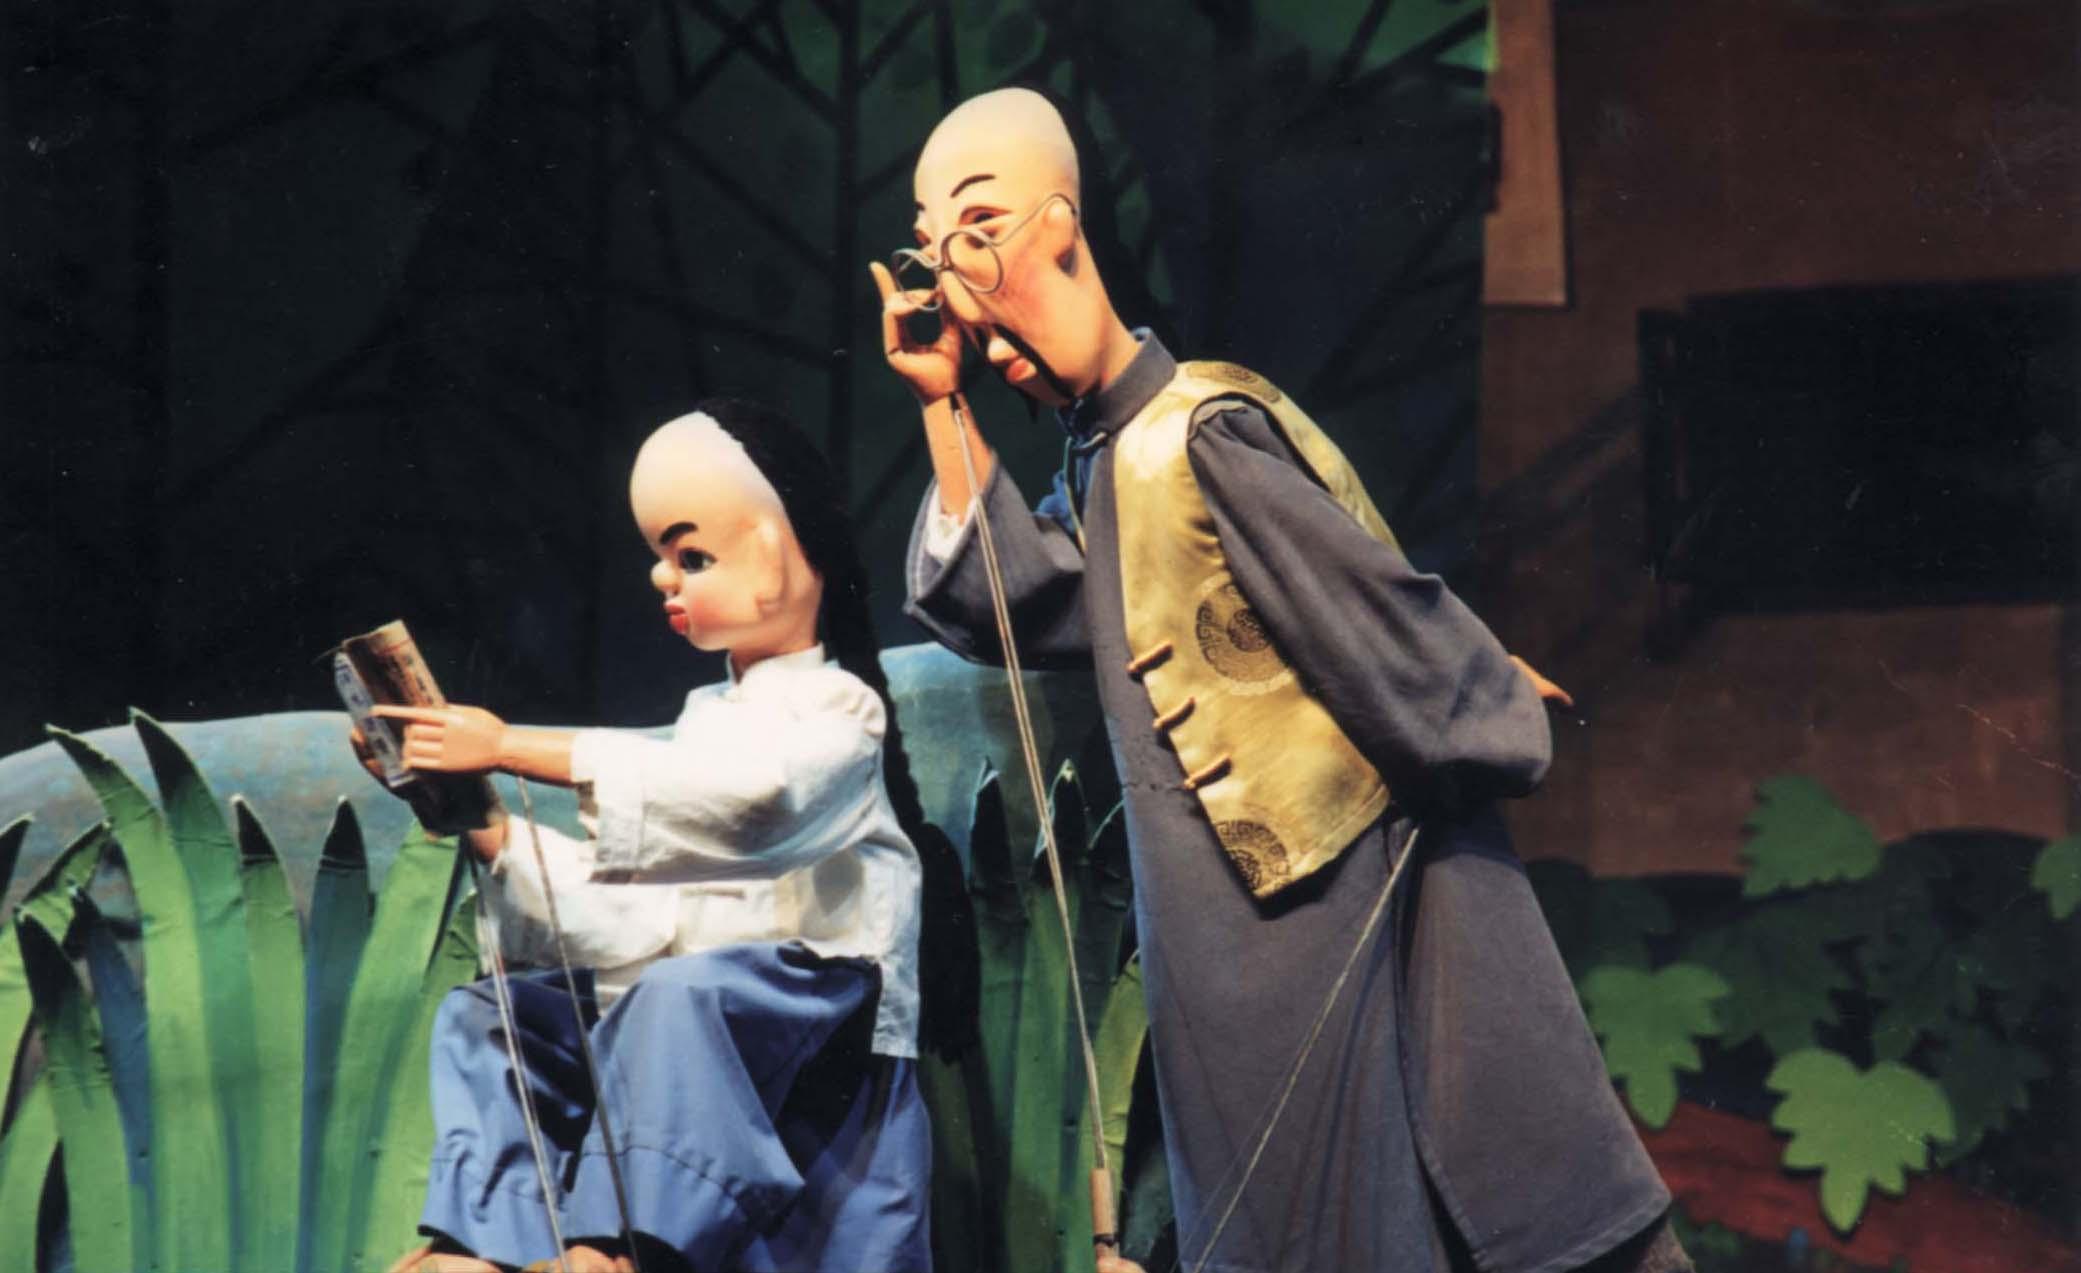 <em>Le garçon, Shi numéro trois</em> (石三伢子, 2003) par Hunansheng Muou Piying Yishu Juyuan (Centre pour la préservation de la marionnette et le théâtre d'ombres, province du Hunan, République populaire de Chine ), mise en scène : Xiong Guo'an, Zhang Jie, scénographieet fabrication: Yi Jianmin, Li Yonghong, marionnettistes : Nie Shiqi, Wang Teran. Marionnettes à tiges. Photo réproduite avec l'aimable autorisation de Hunansheng Muou Piying Yishu Juyuan